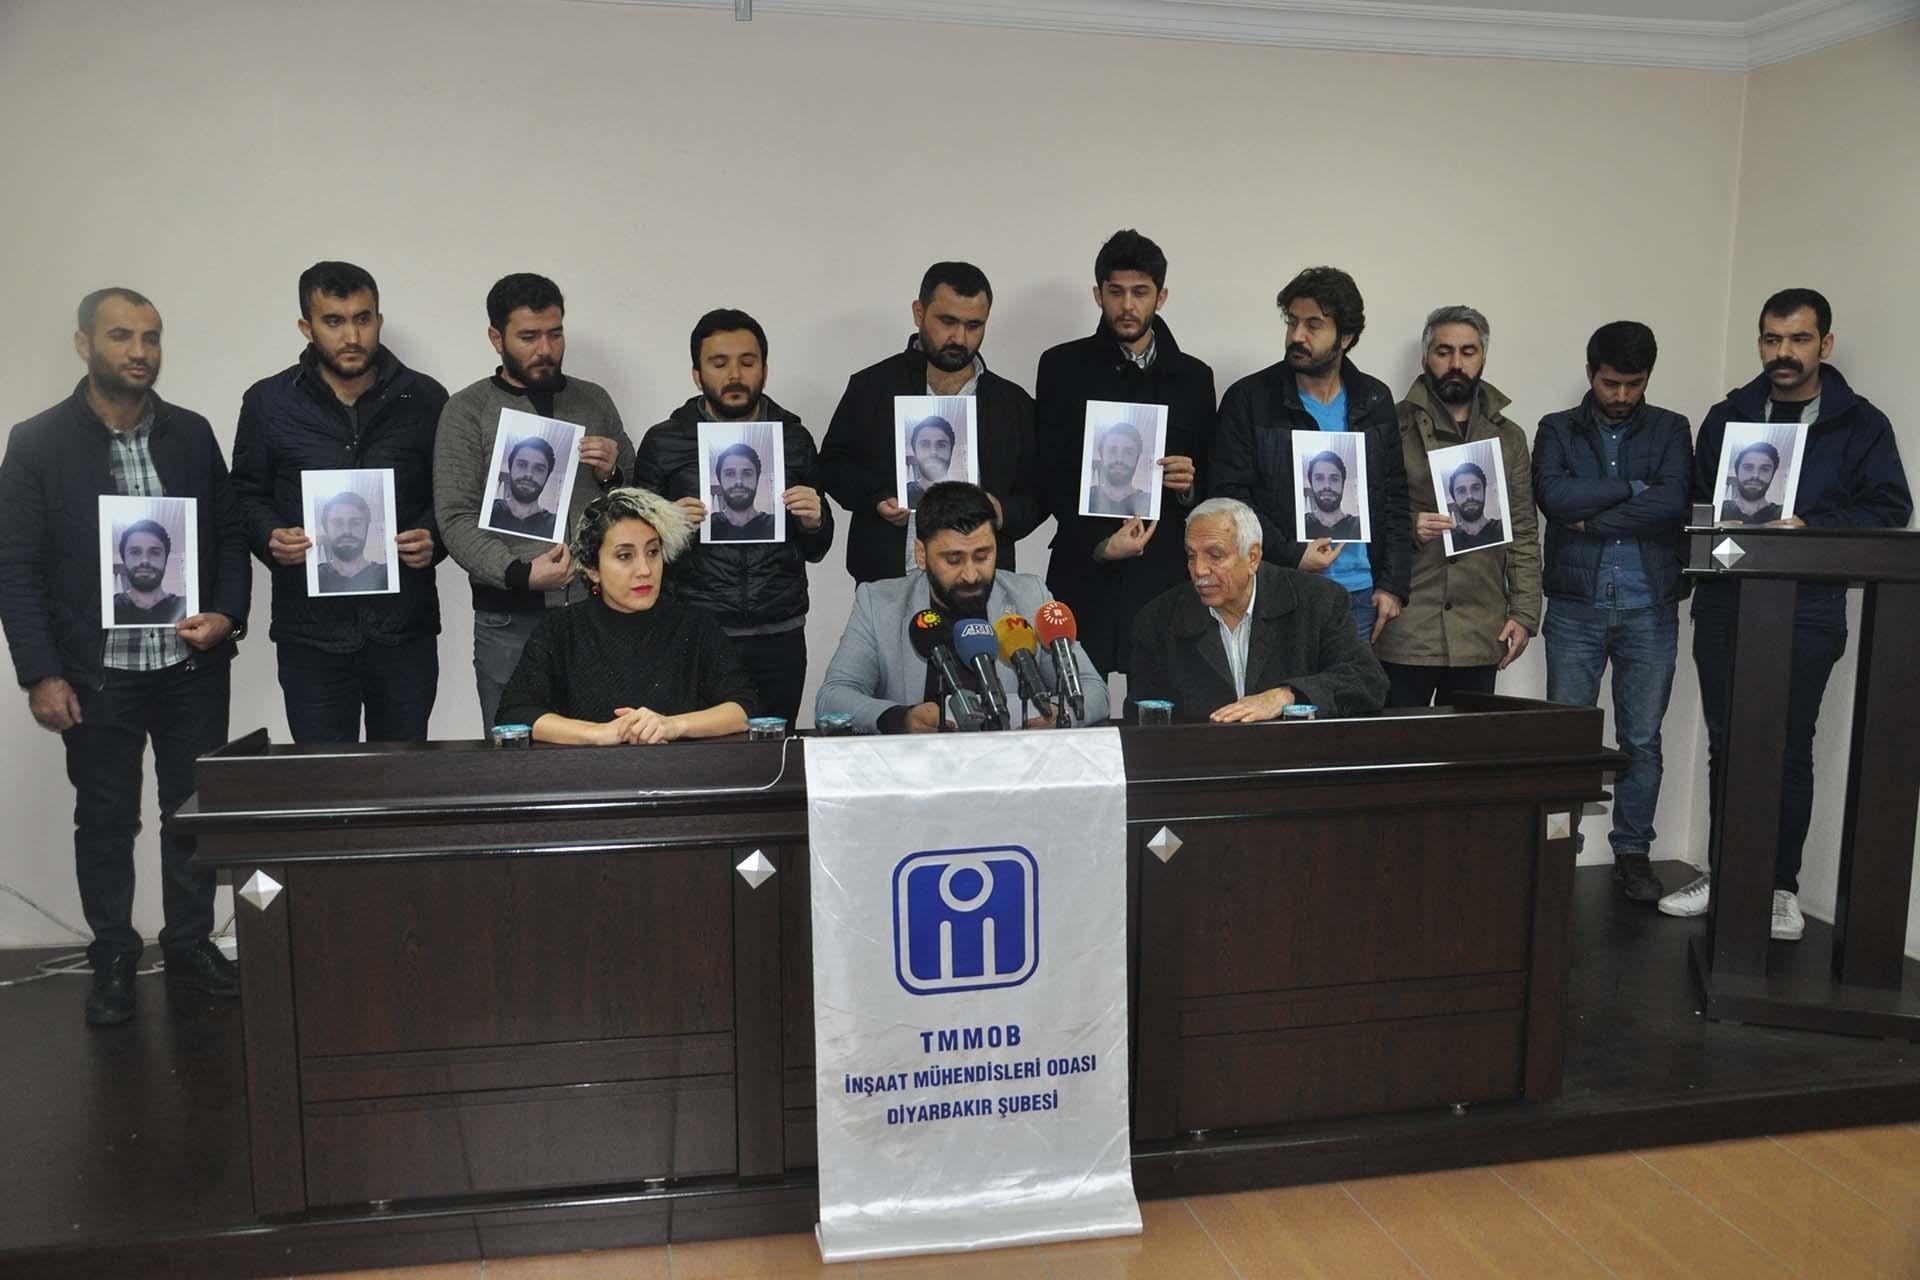 İnşaat Mühendisleri Odası Diyarbakır Şube binasında basın açıklaması düzenliyor